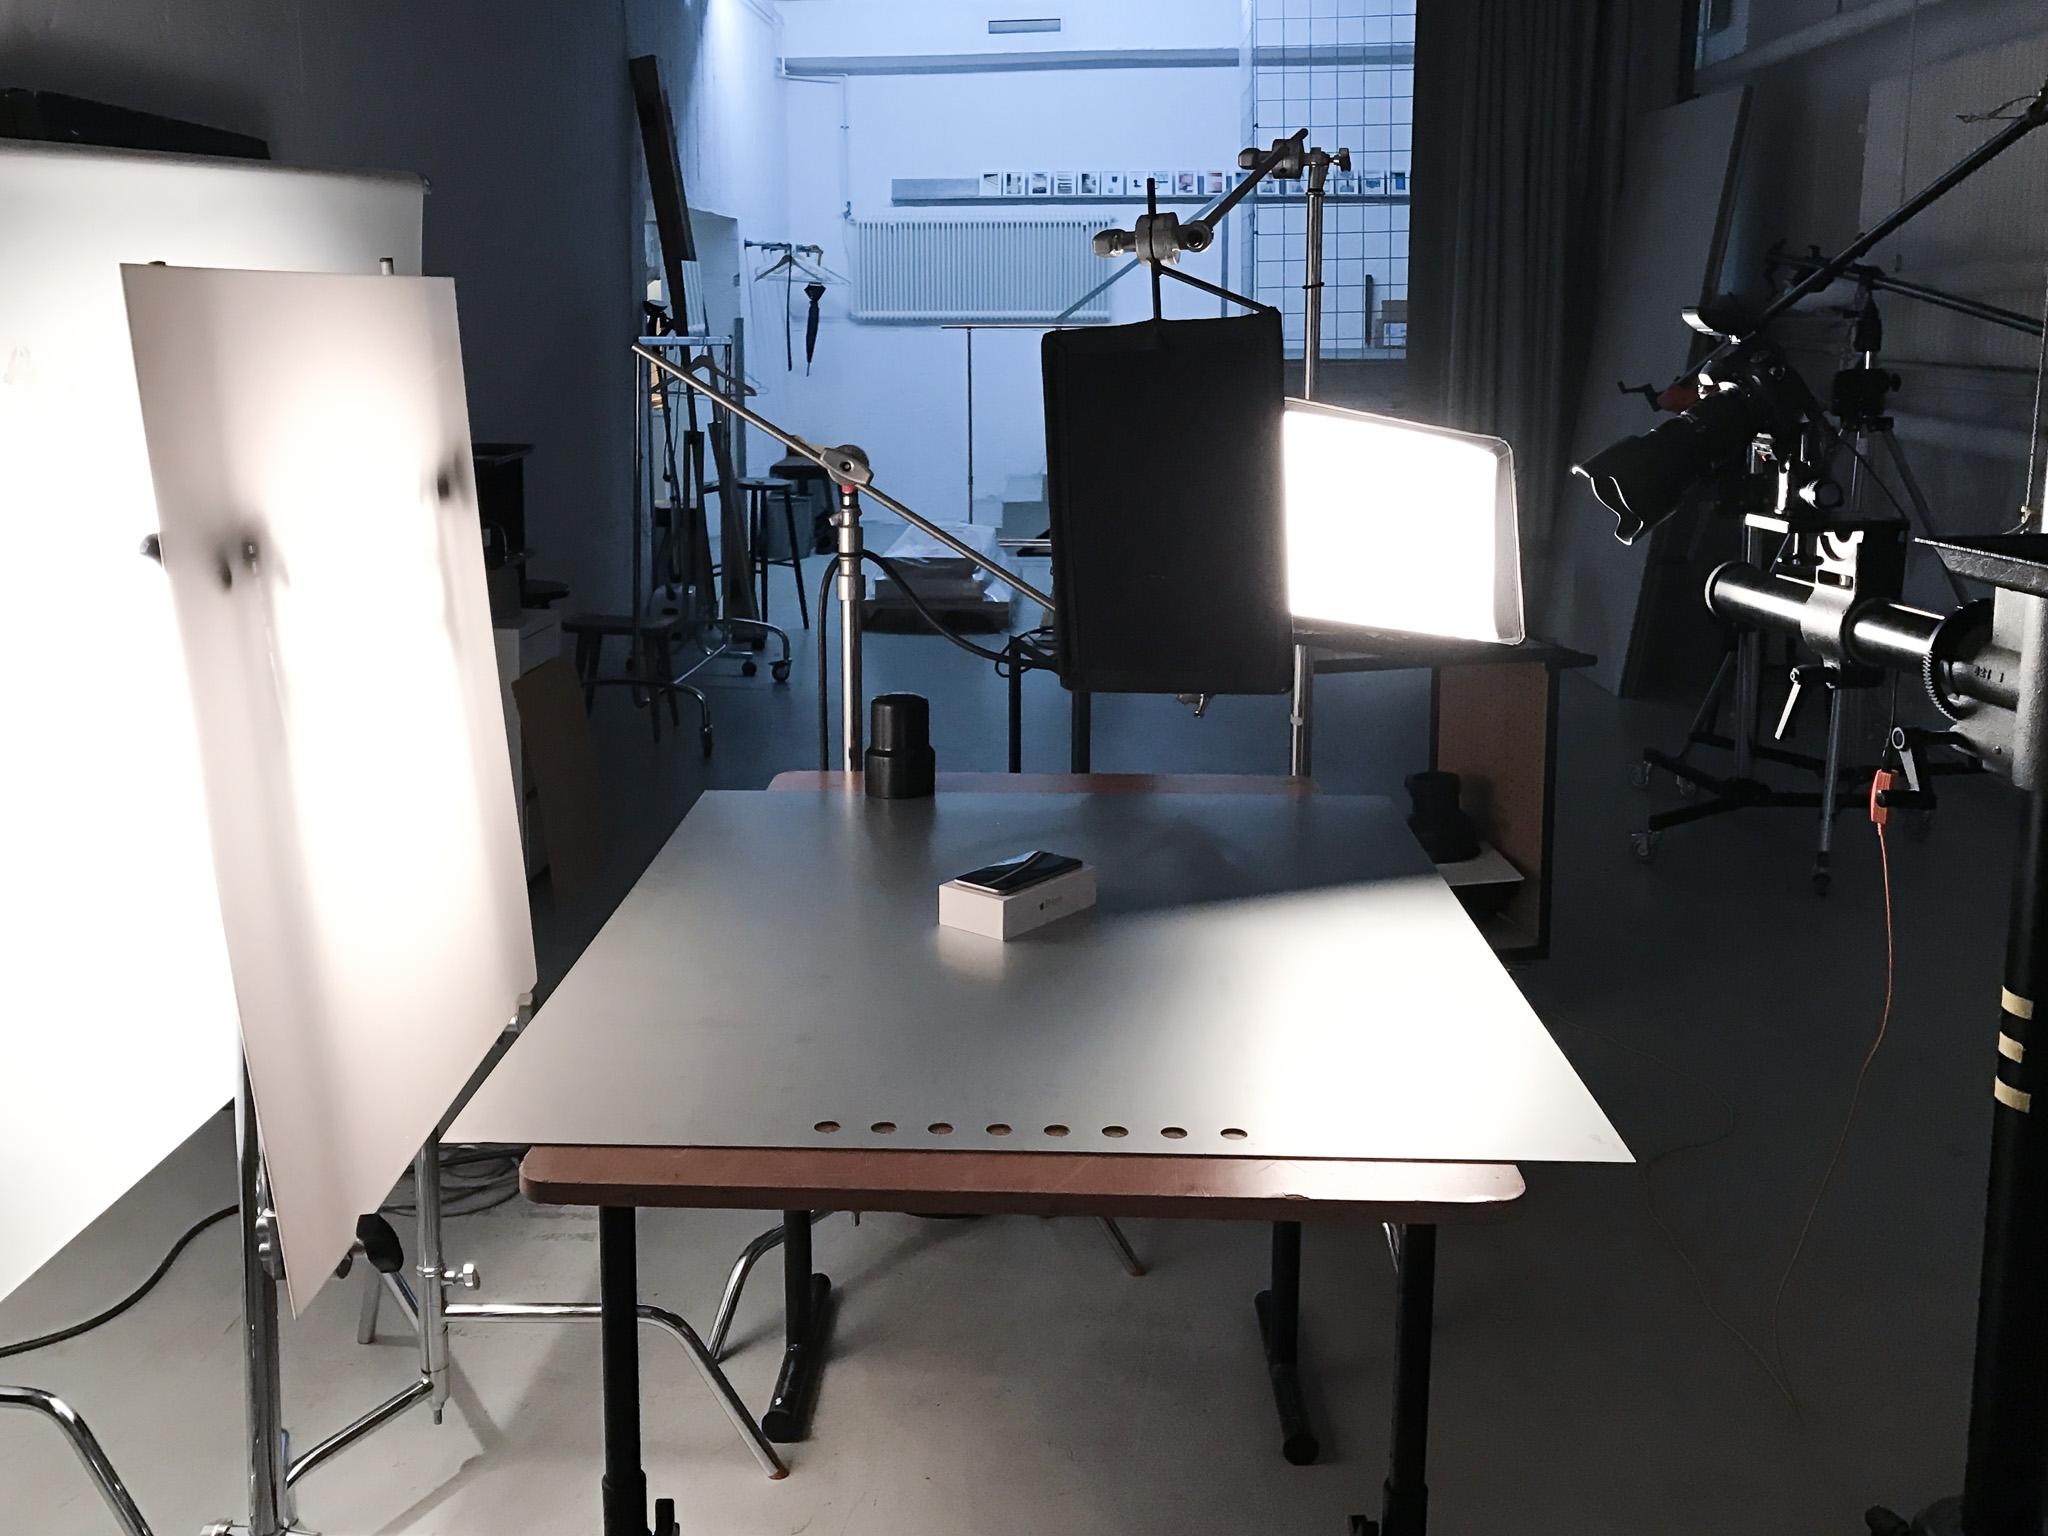 Kameran till höger i bild. Till vänster syns ljuset bakifrån som slås genom diffusionspapper och en plexiglasskiva.